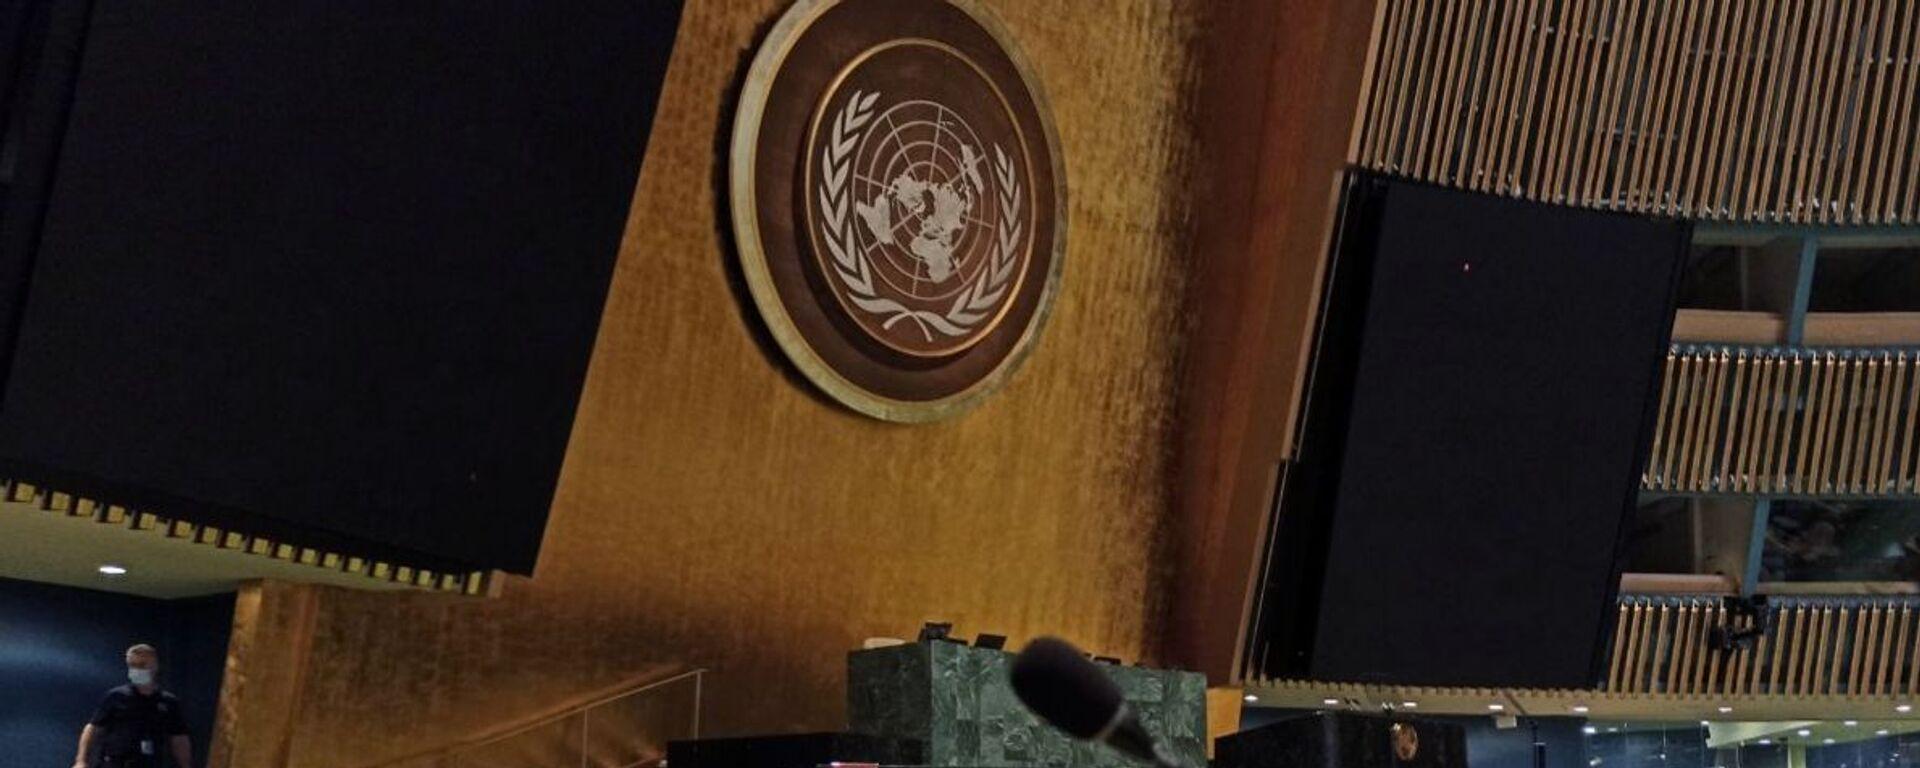 Штаб-квартира ООН в Нью-Йорке - Sputnik Грузия, 1920, 23.09.2021